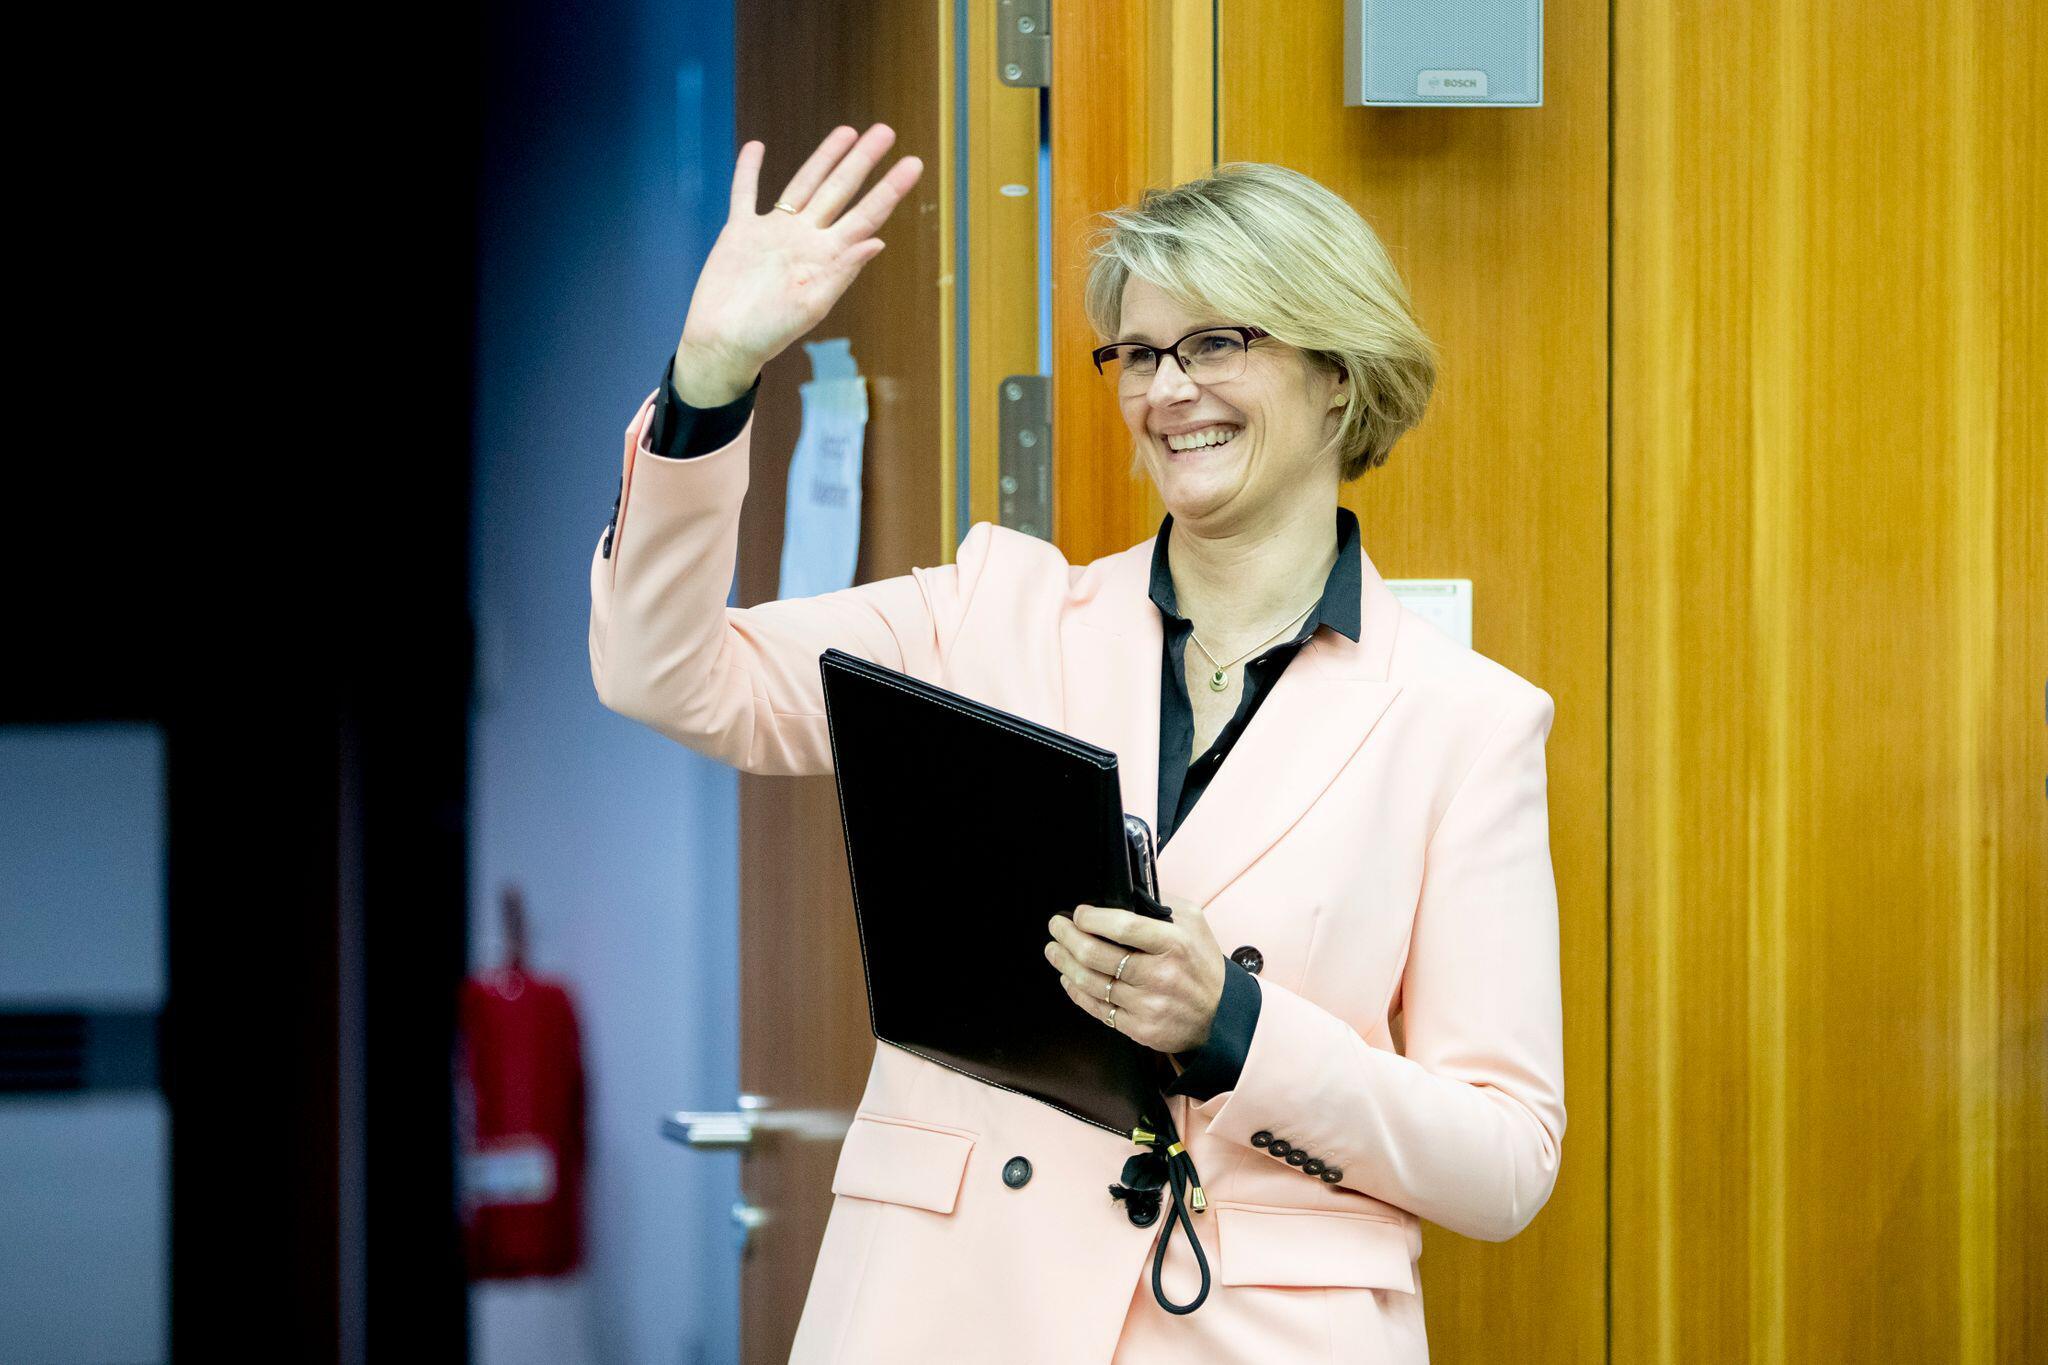 Bild zu Coronavirus - Pressekonferenz zum Start WHO-Studie